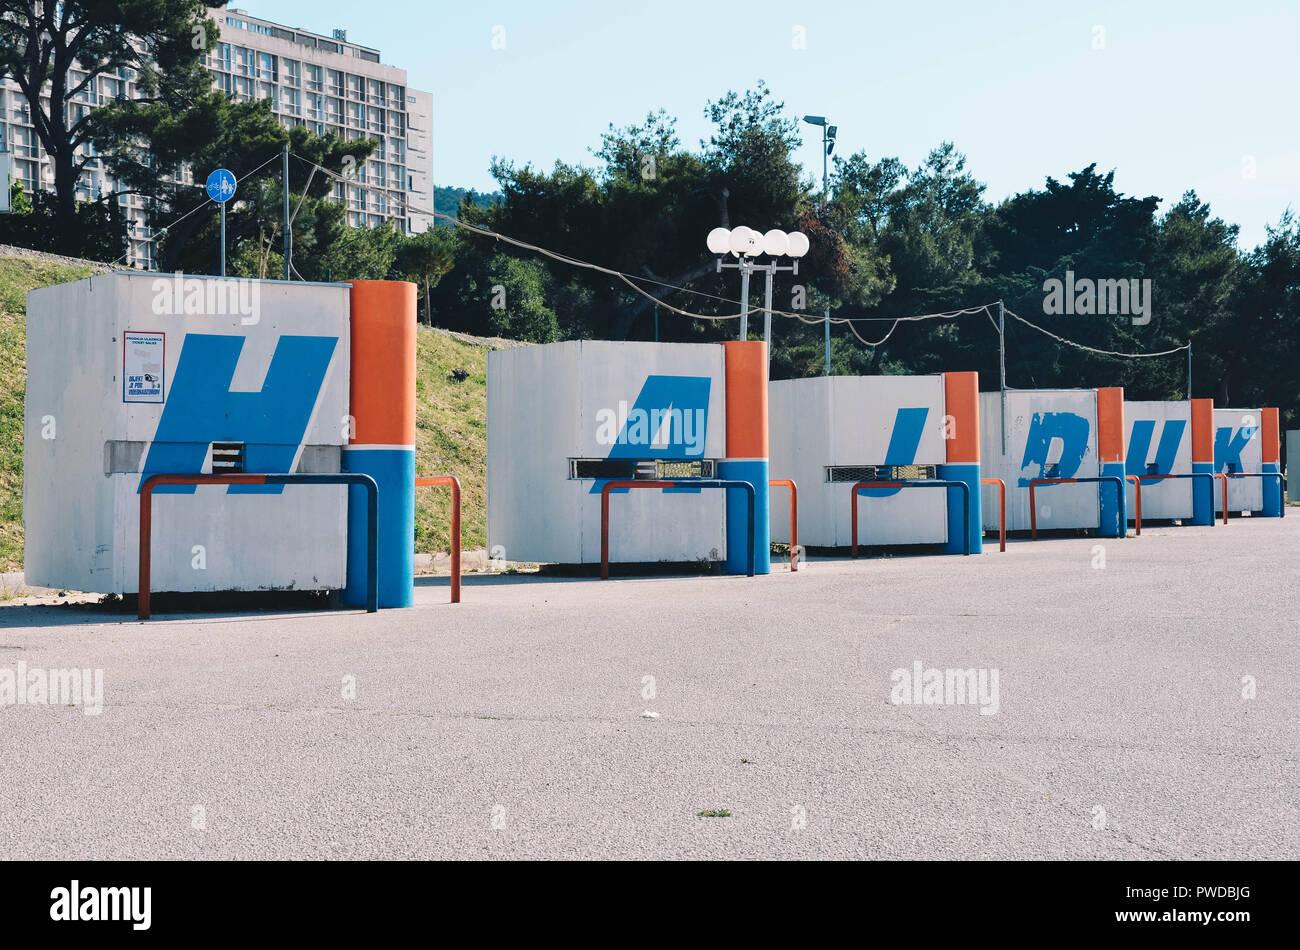 Hajduk sign, Poljud stadium, home of Hadjuk Split football club, Split, Croatia, September 2018 Stock Photo